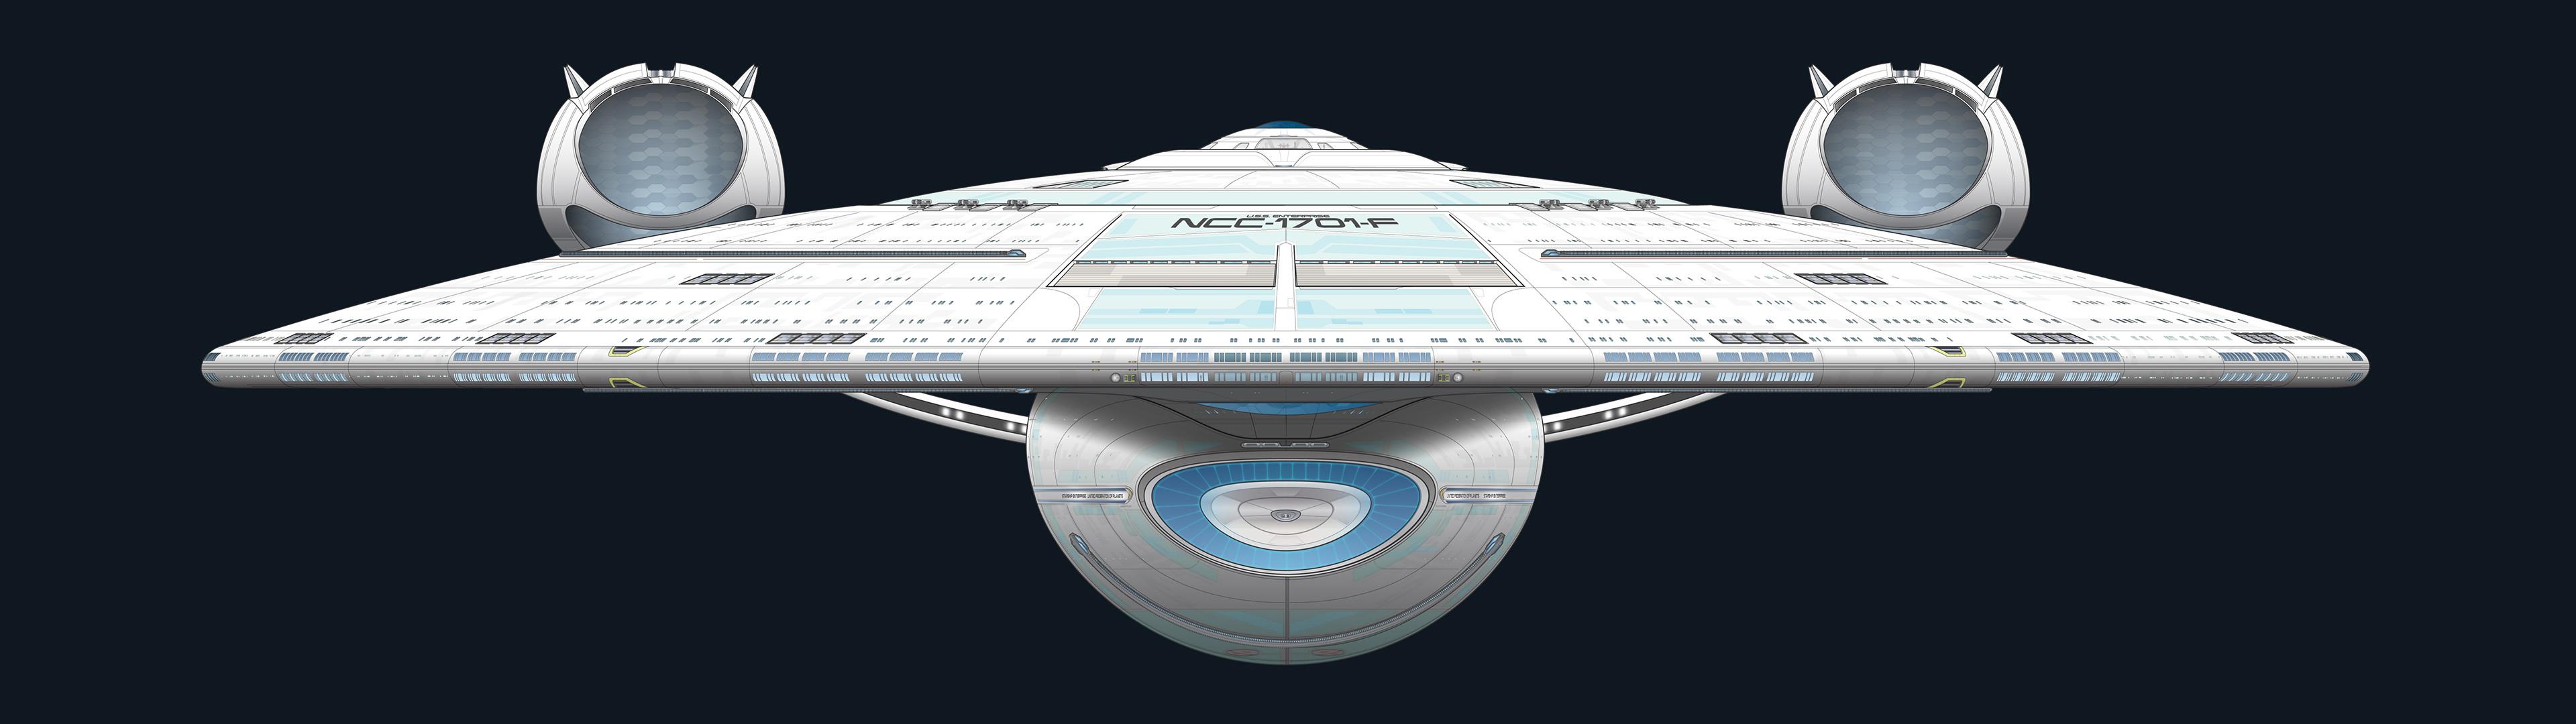 Star Trek: Online Computer Wallpapers, Desktop Backgrounds   .